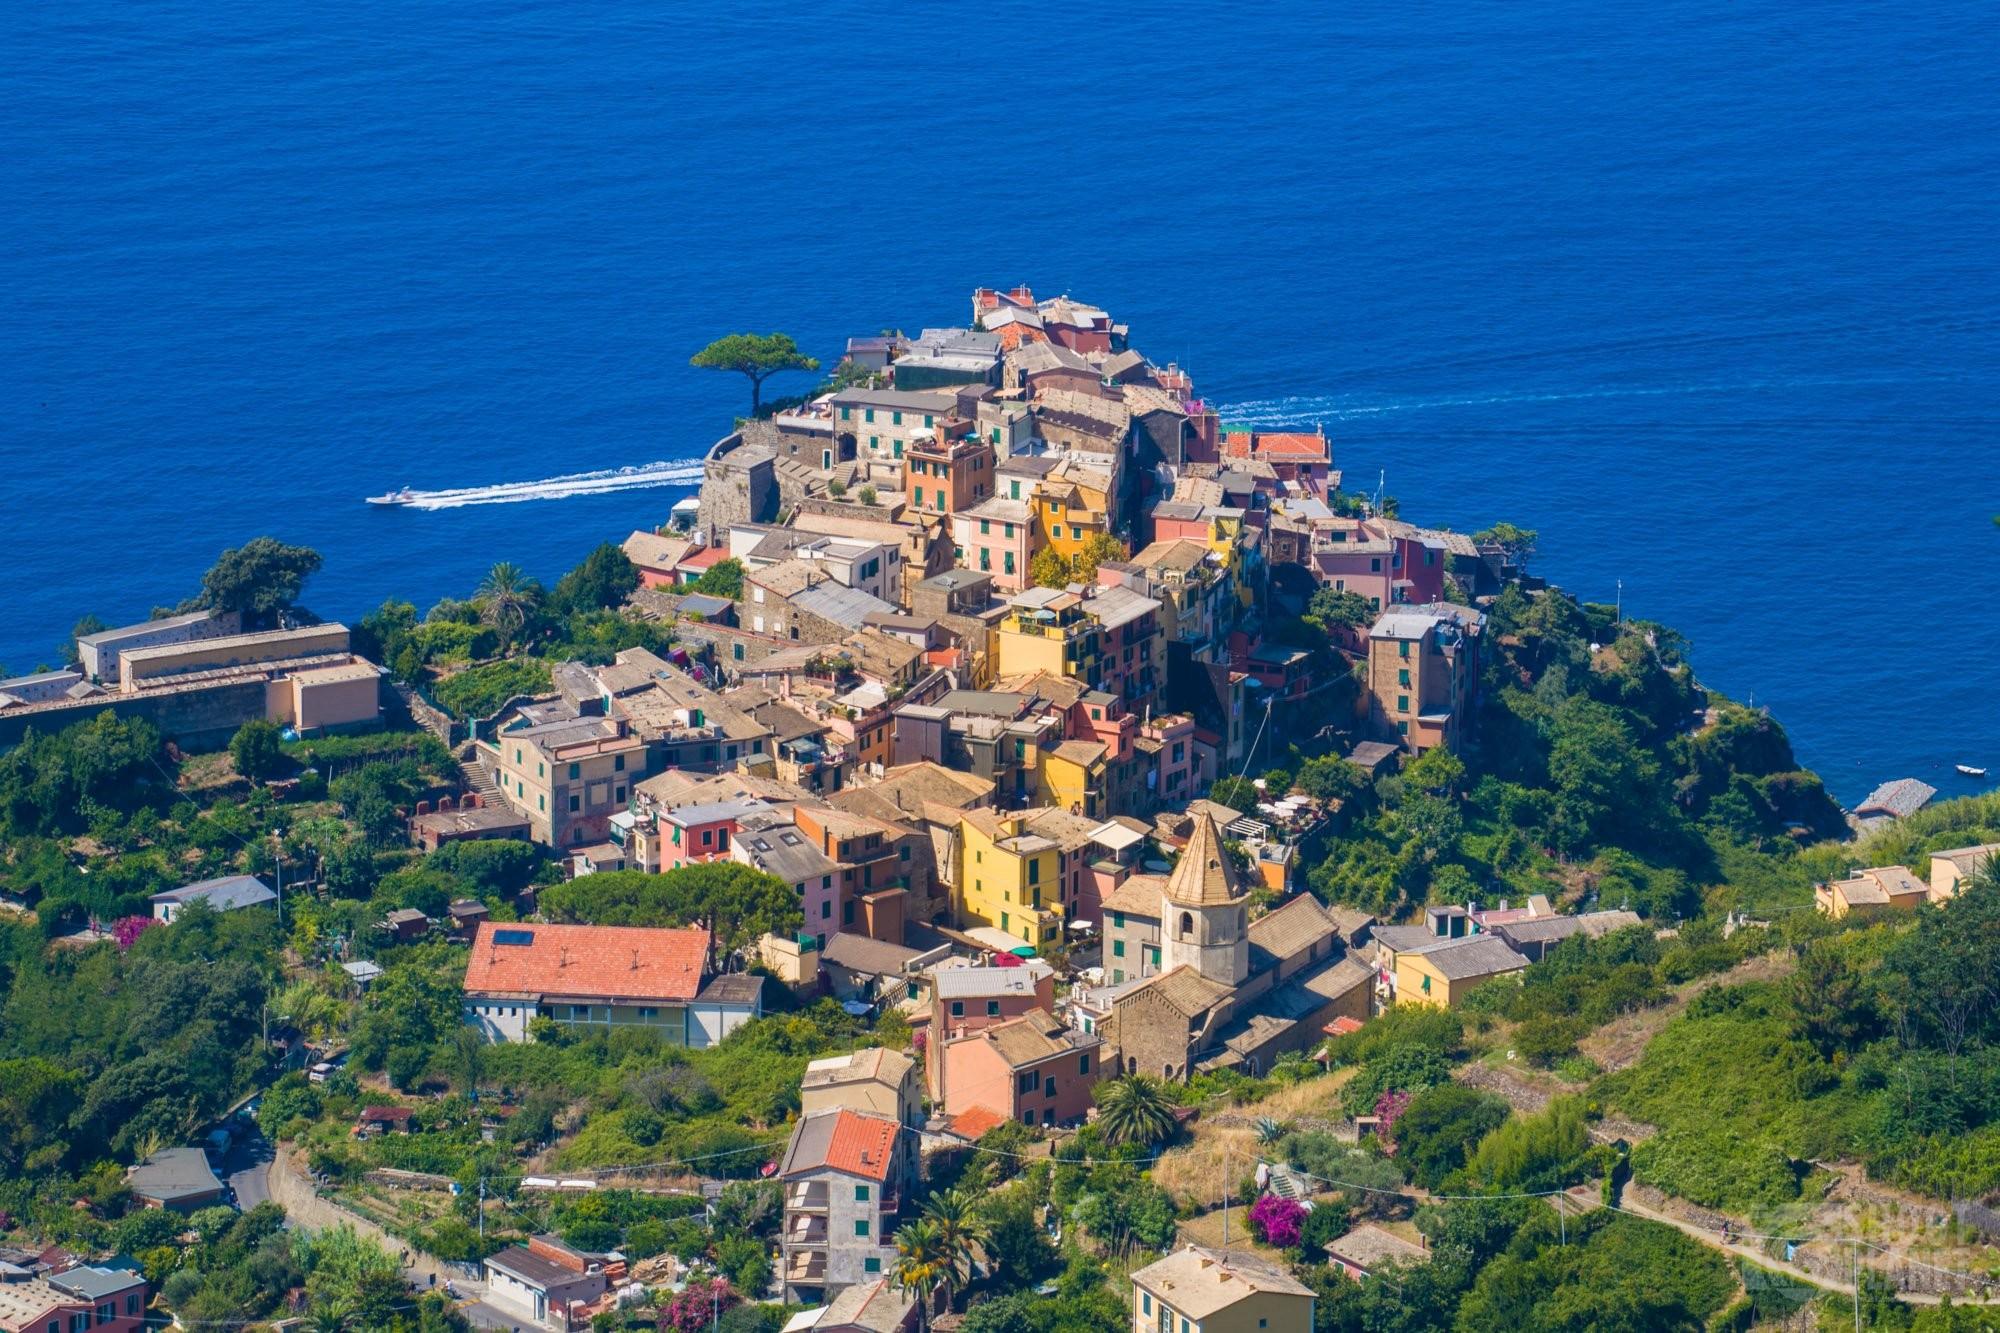 Corniglia aerial view in Cinque Terre Italy